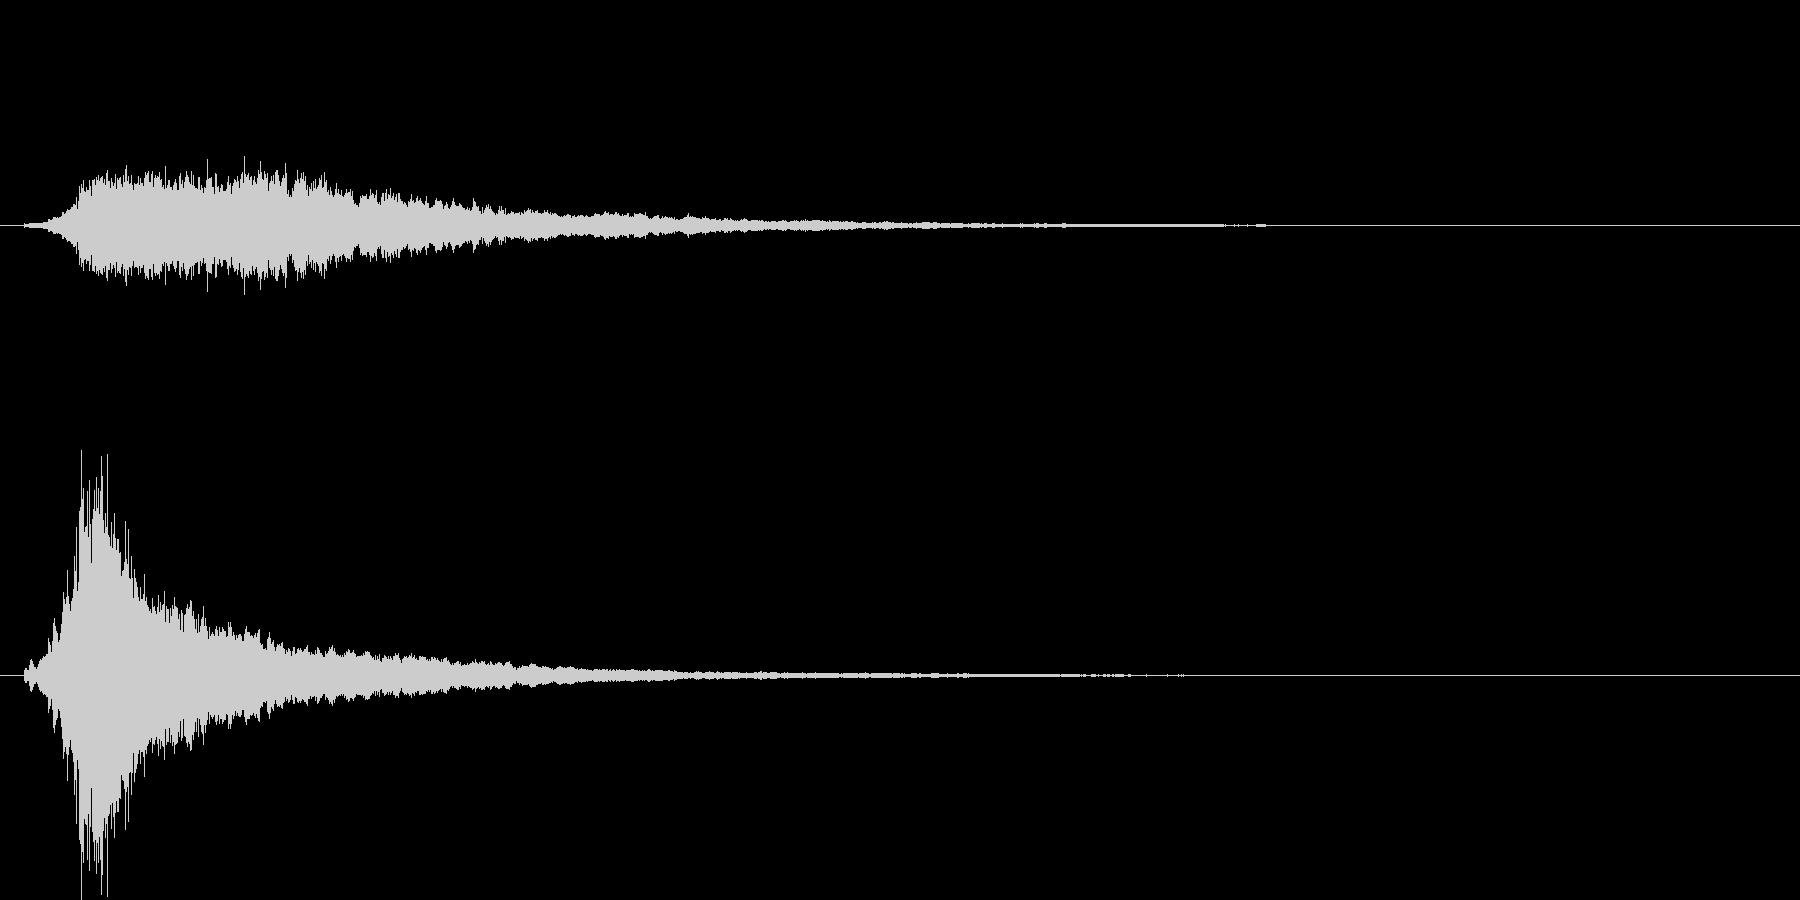 キラキラとピーン音が混ざった効果音の未再生の波形